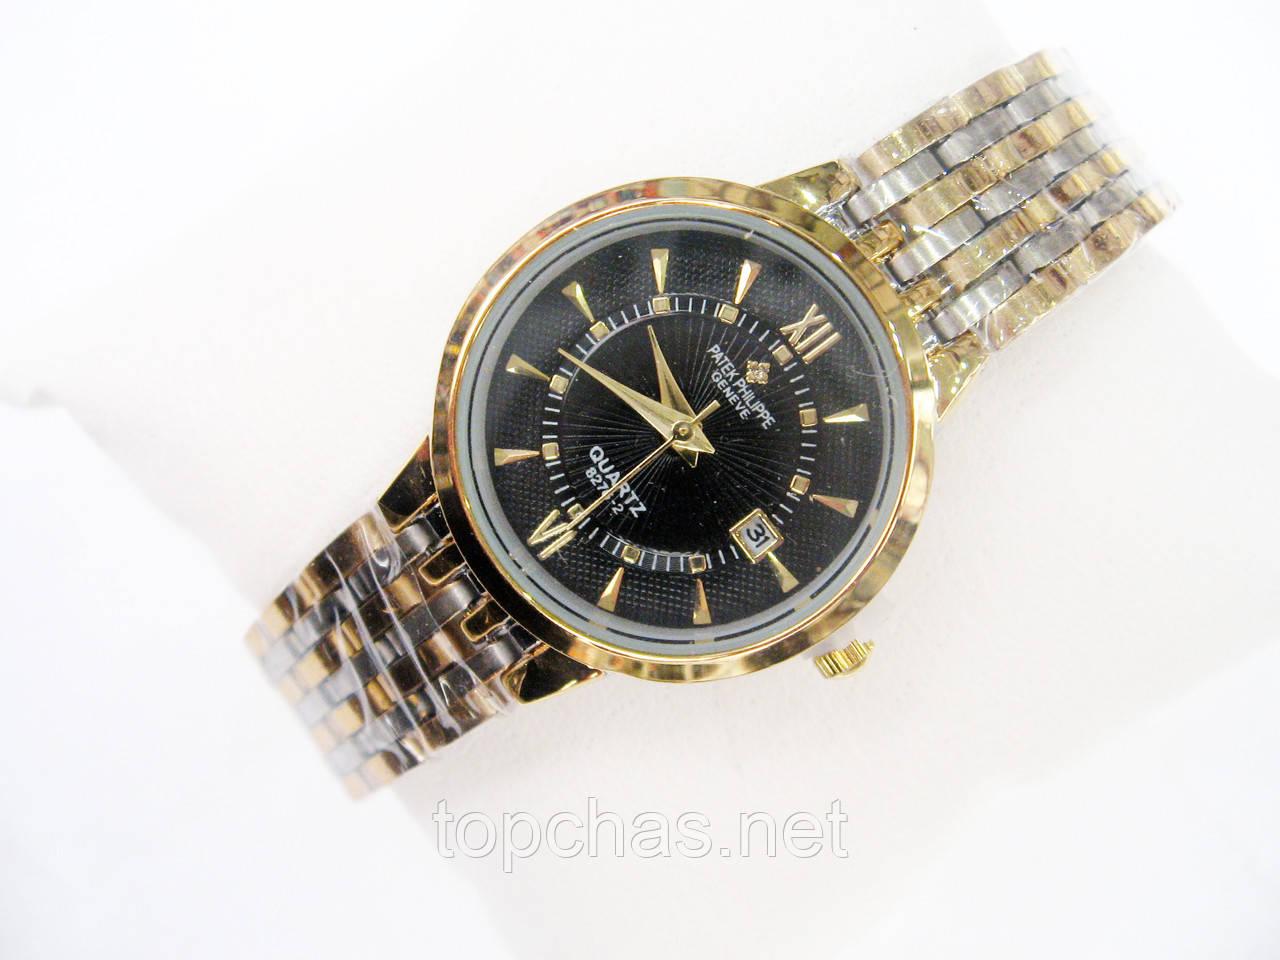 Мужские (Женские) кварцевые наручные часы Patek Philippe Mini на  металлическом ремешке effa52457e3